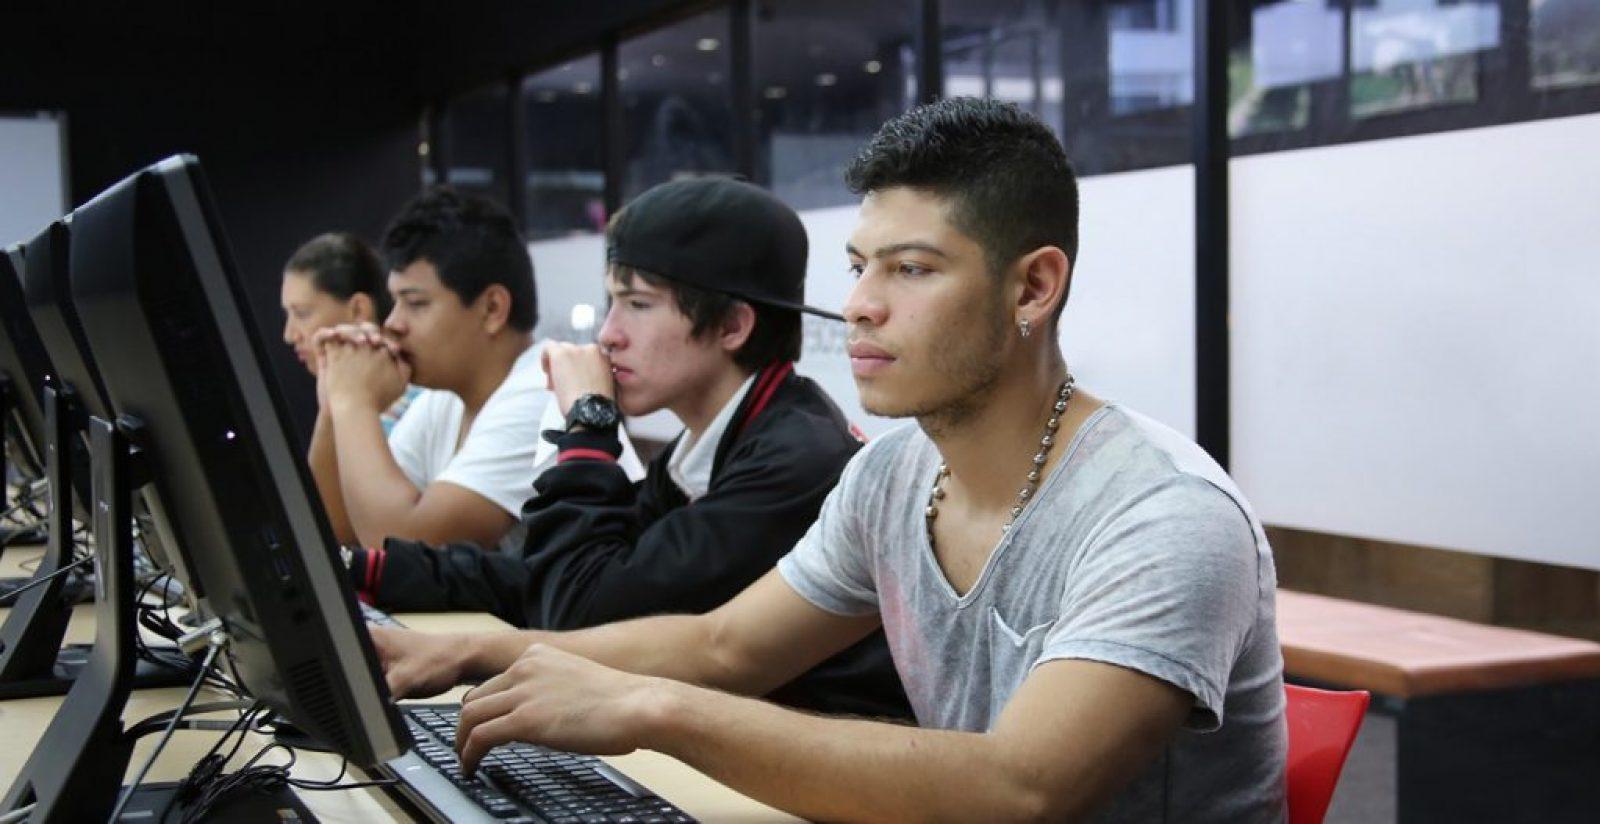 La investigación científica y tecnológica y la innovación como motor del desarrollo humano, social y económico para América Latina y el Caribe